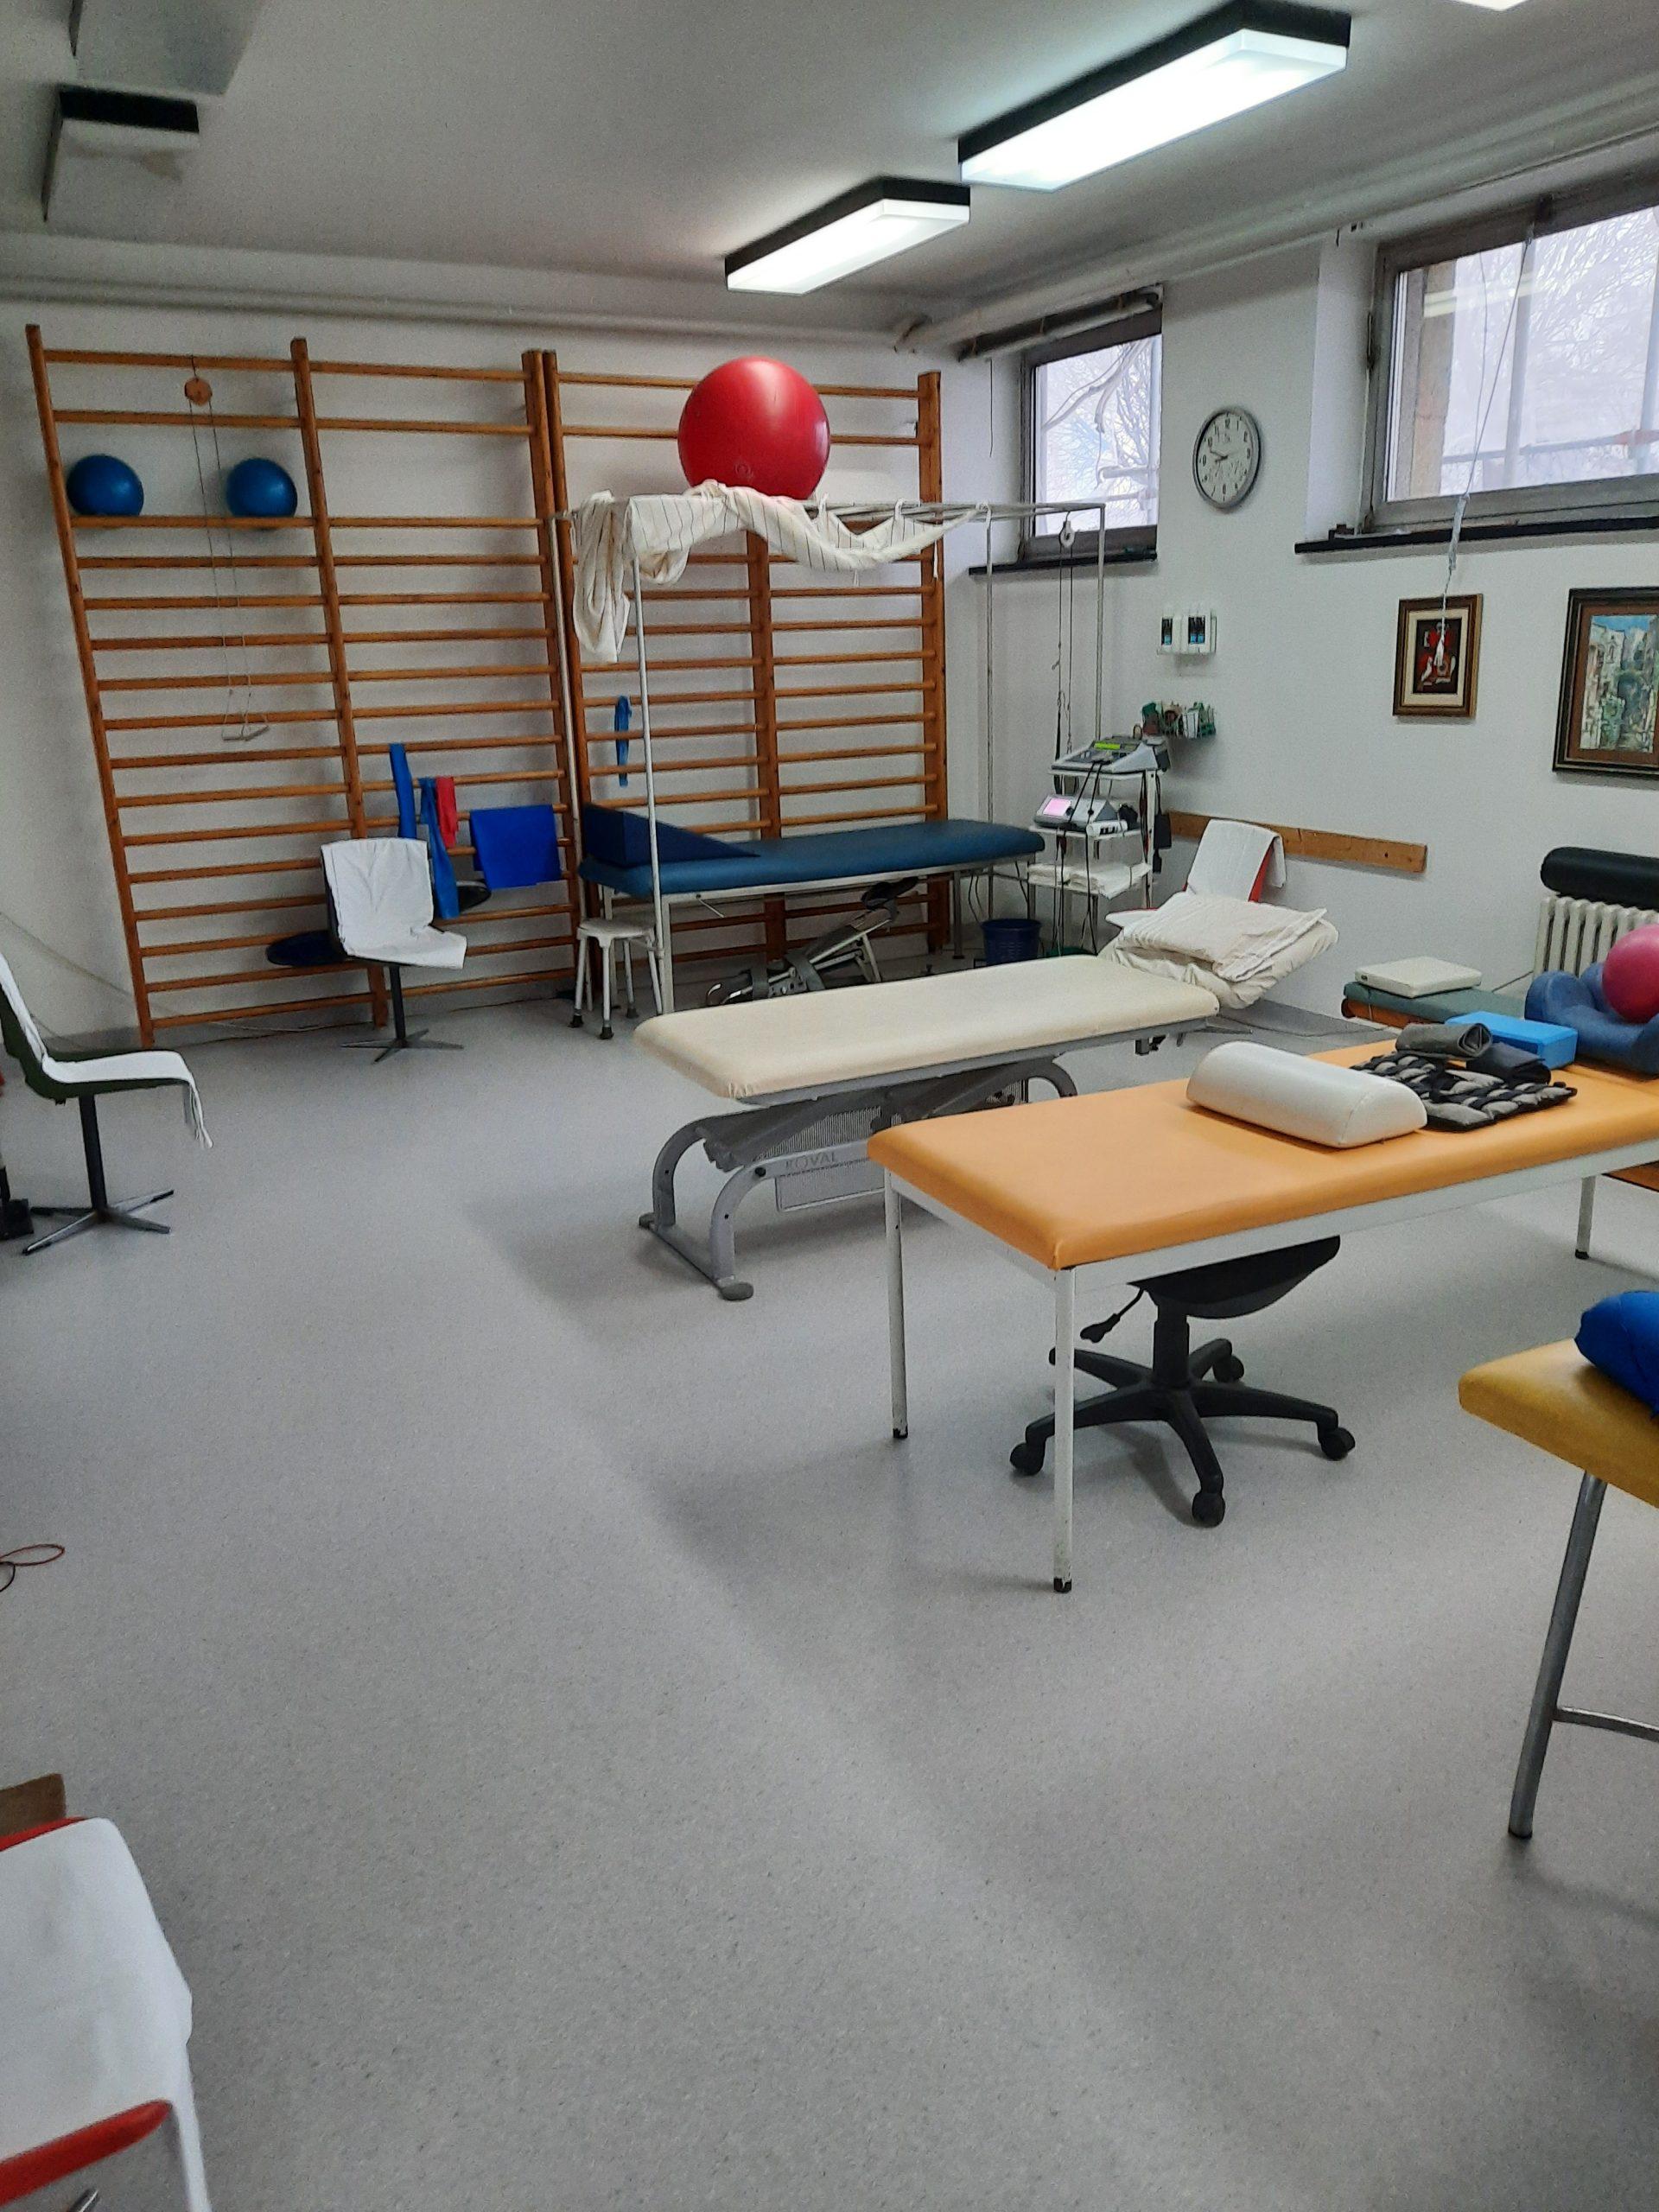 Nedavno završen i EU projekt: Sanacija Odjela rehabilitacije, reumatologije i dijela stare zgrade poliklinike Opće bolnice Slavonski Brod